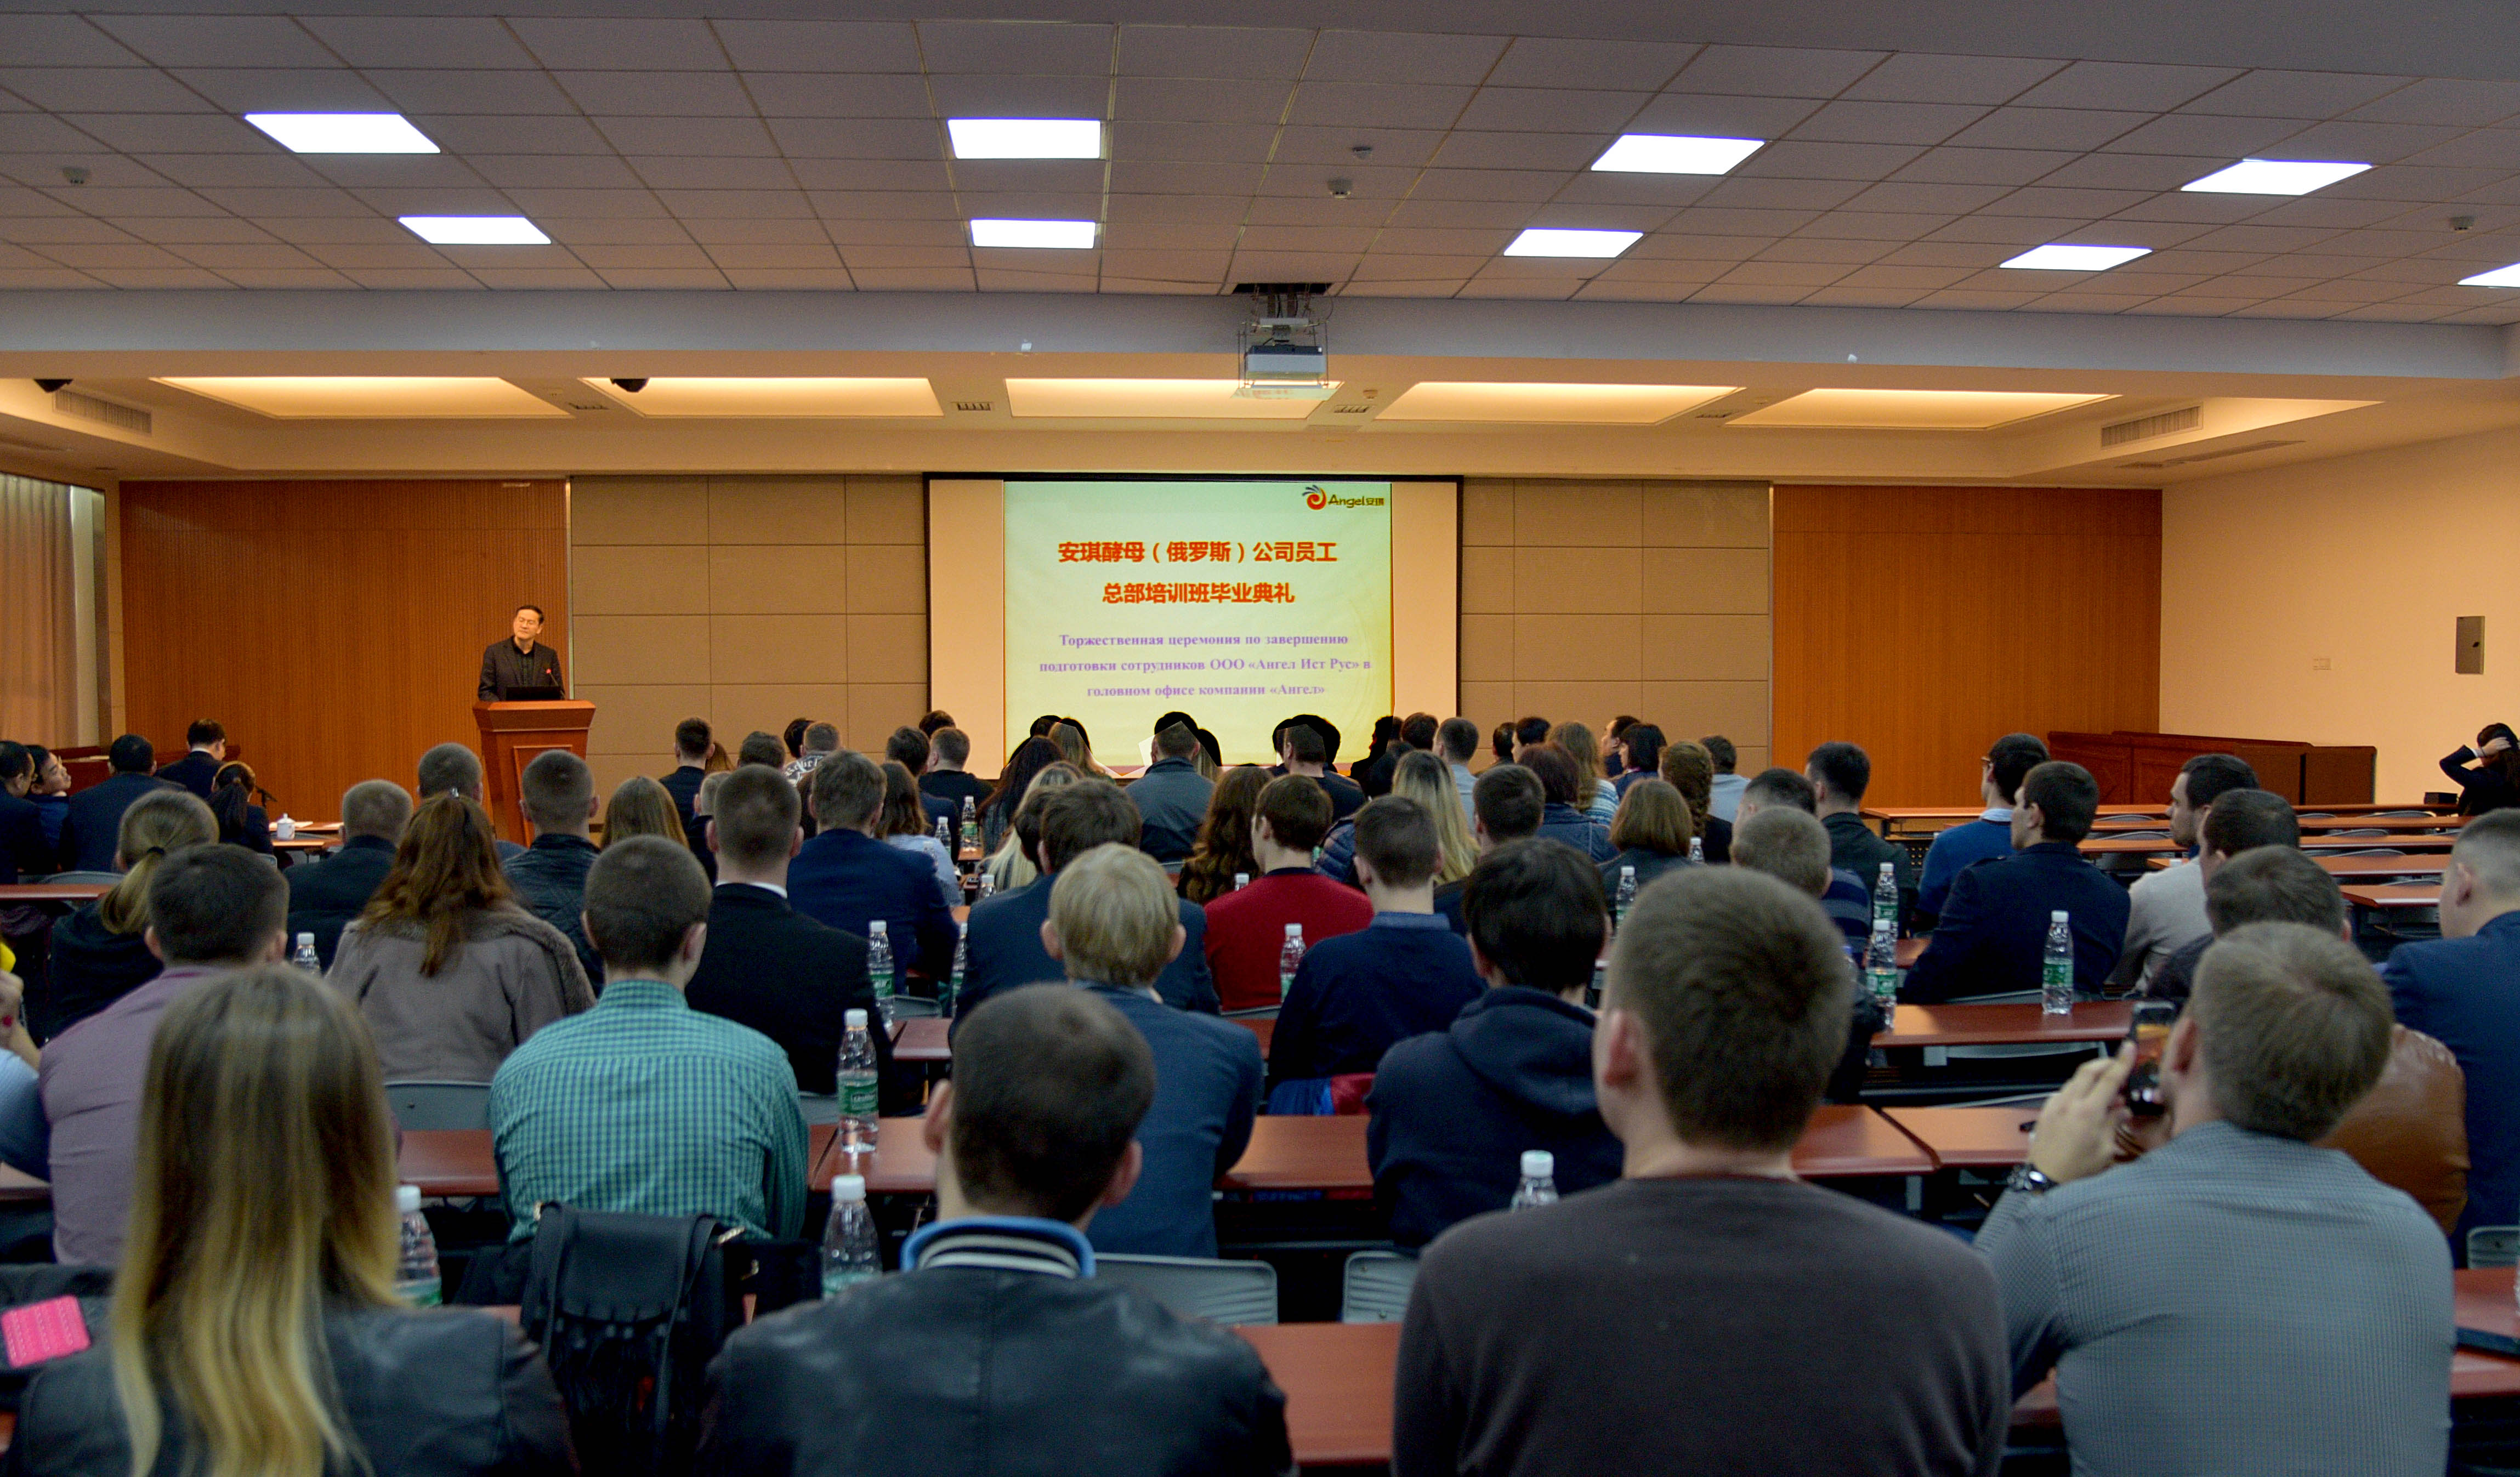 安琪俄罗斯员工中国培训结业典礼在总部举行